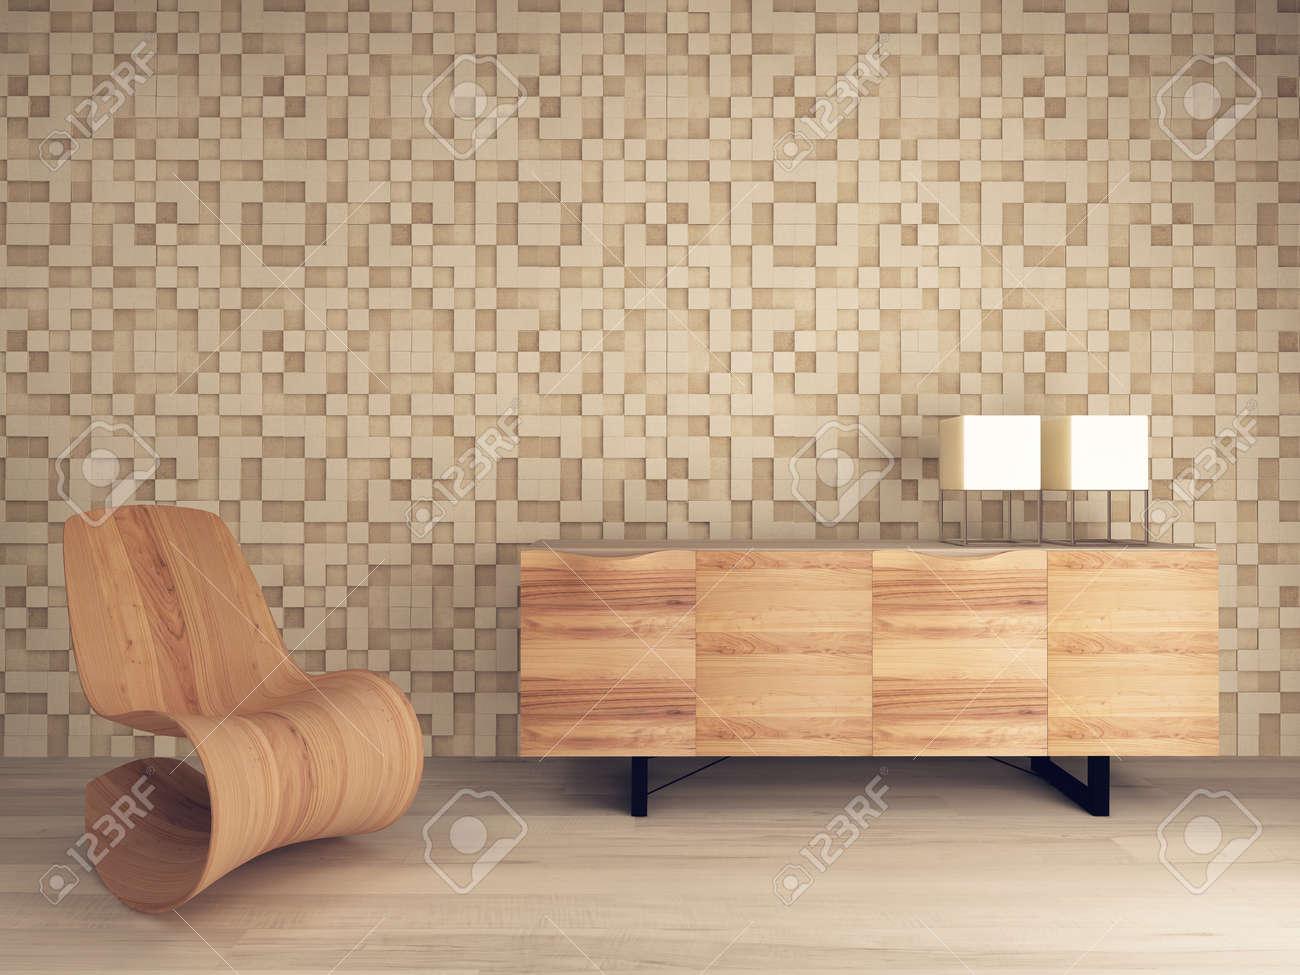 banque dimages photo de chaise longue en bois contre le mur de modle de mosaque avec buffet - Modele De Chaise